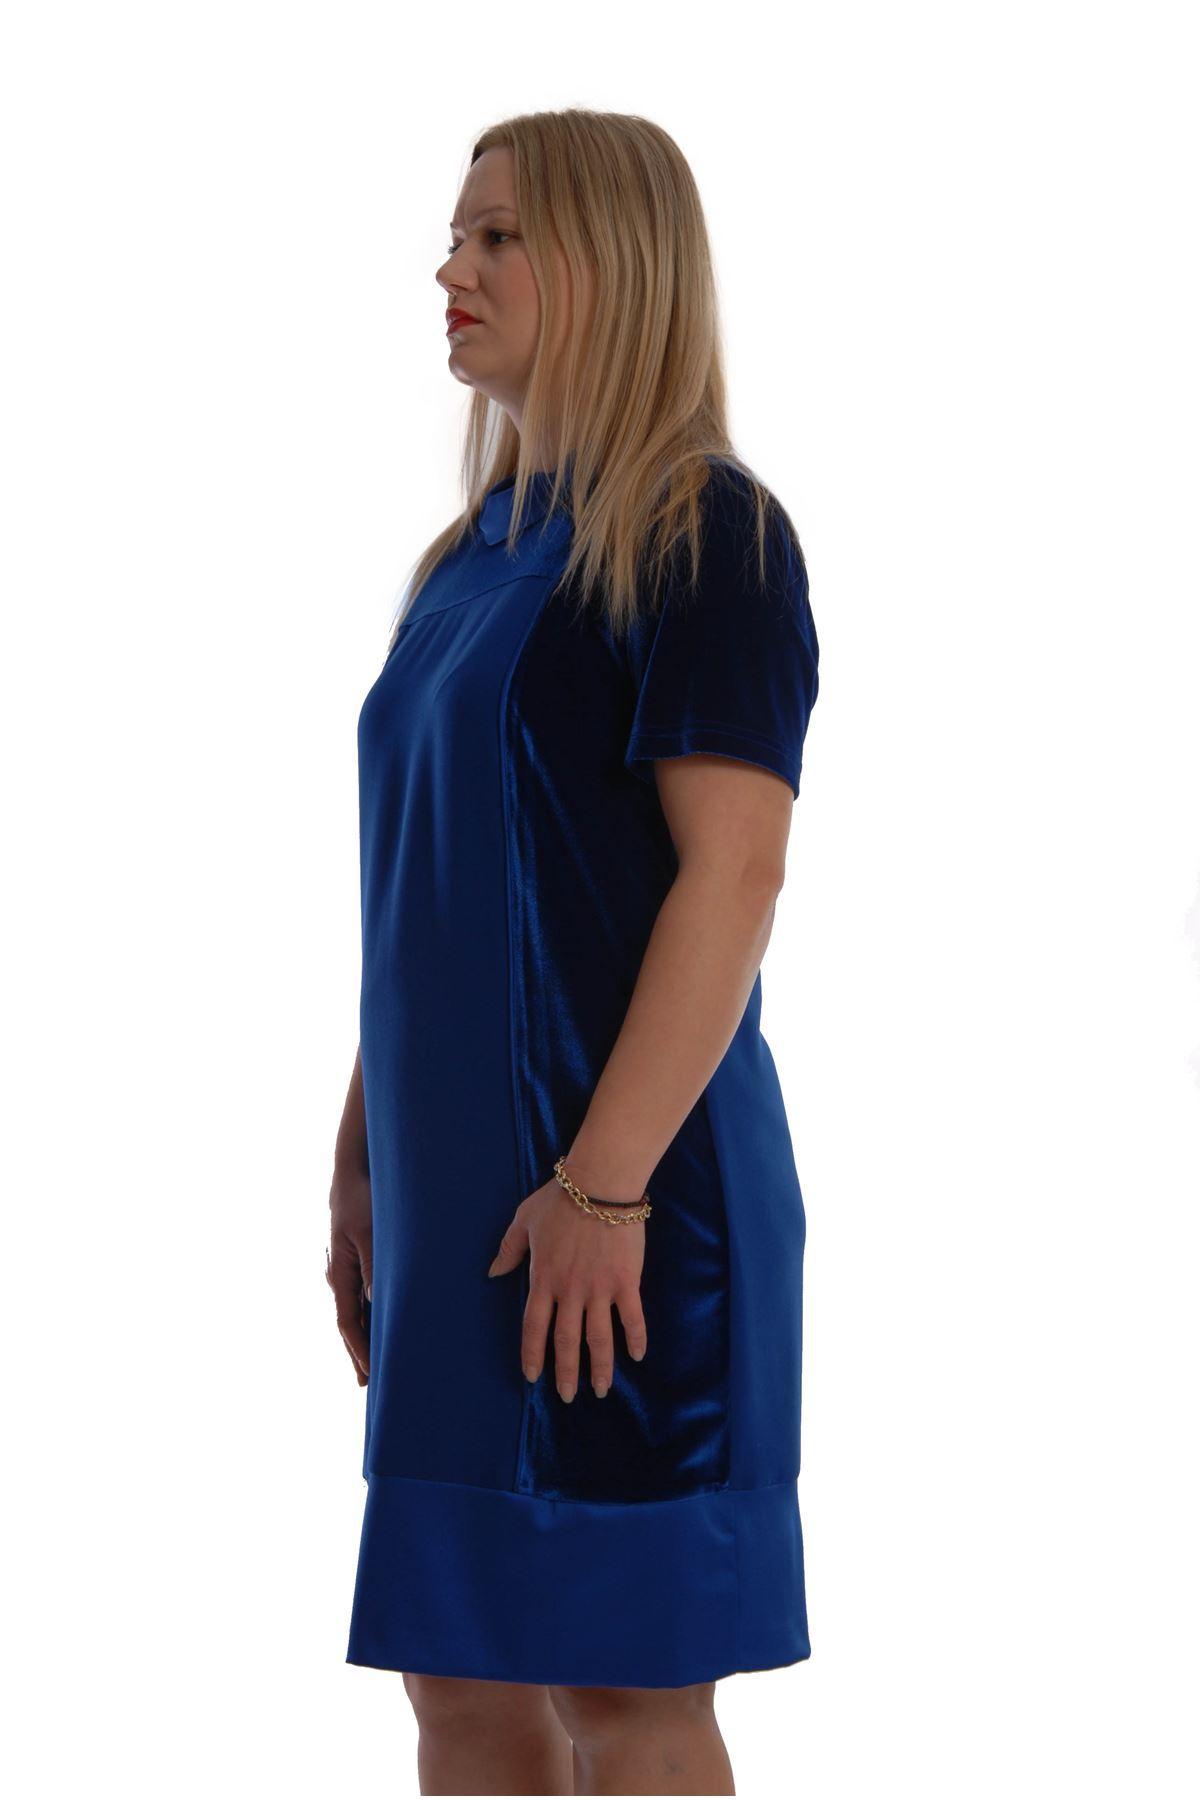 Saks Kadifeli Elbise G6-68904